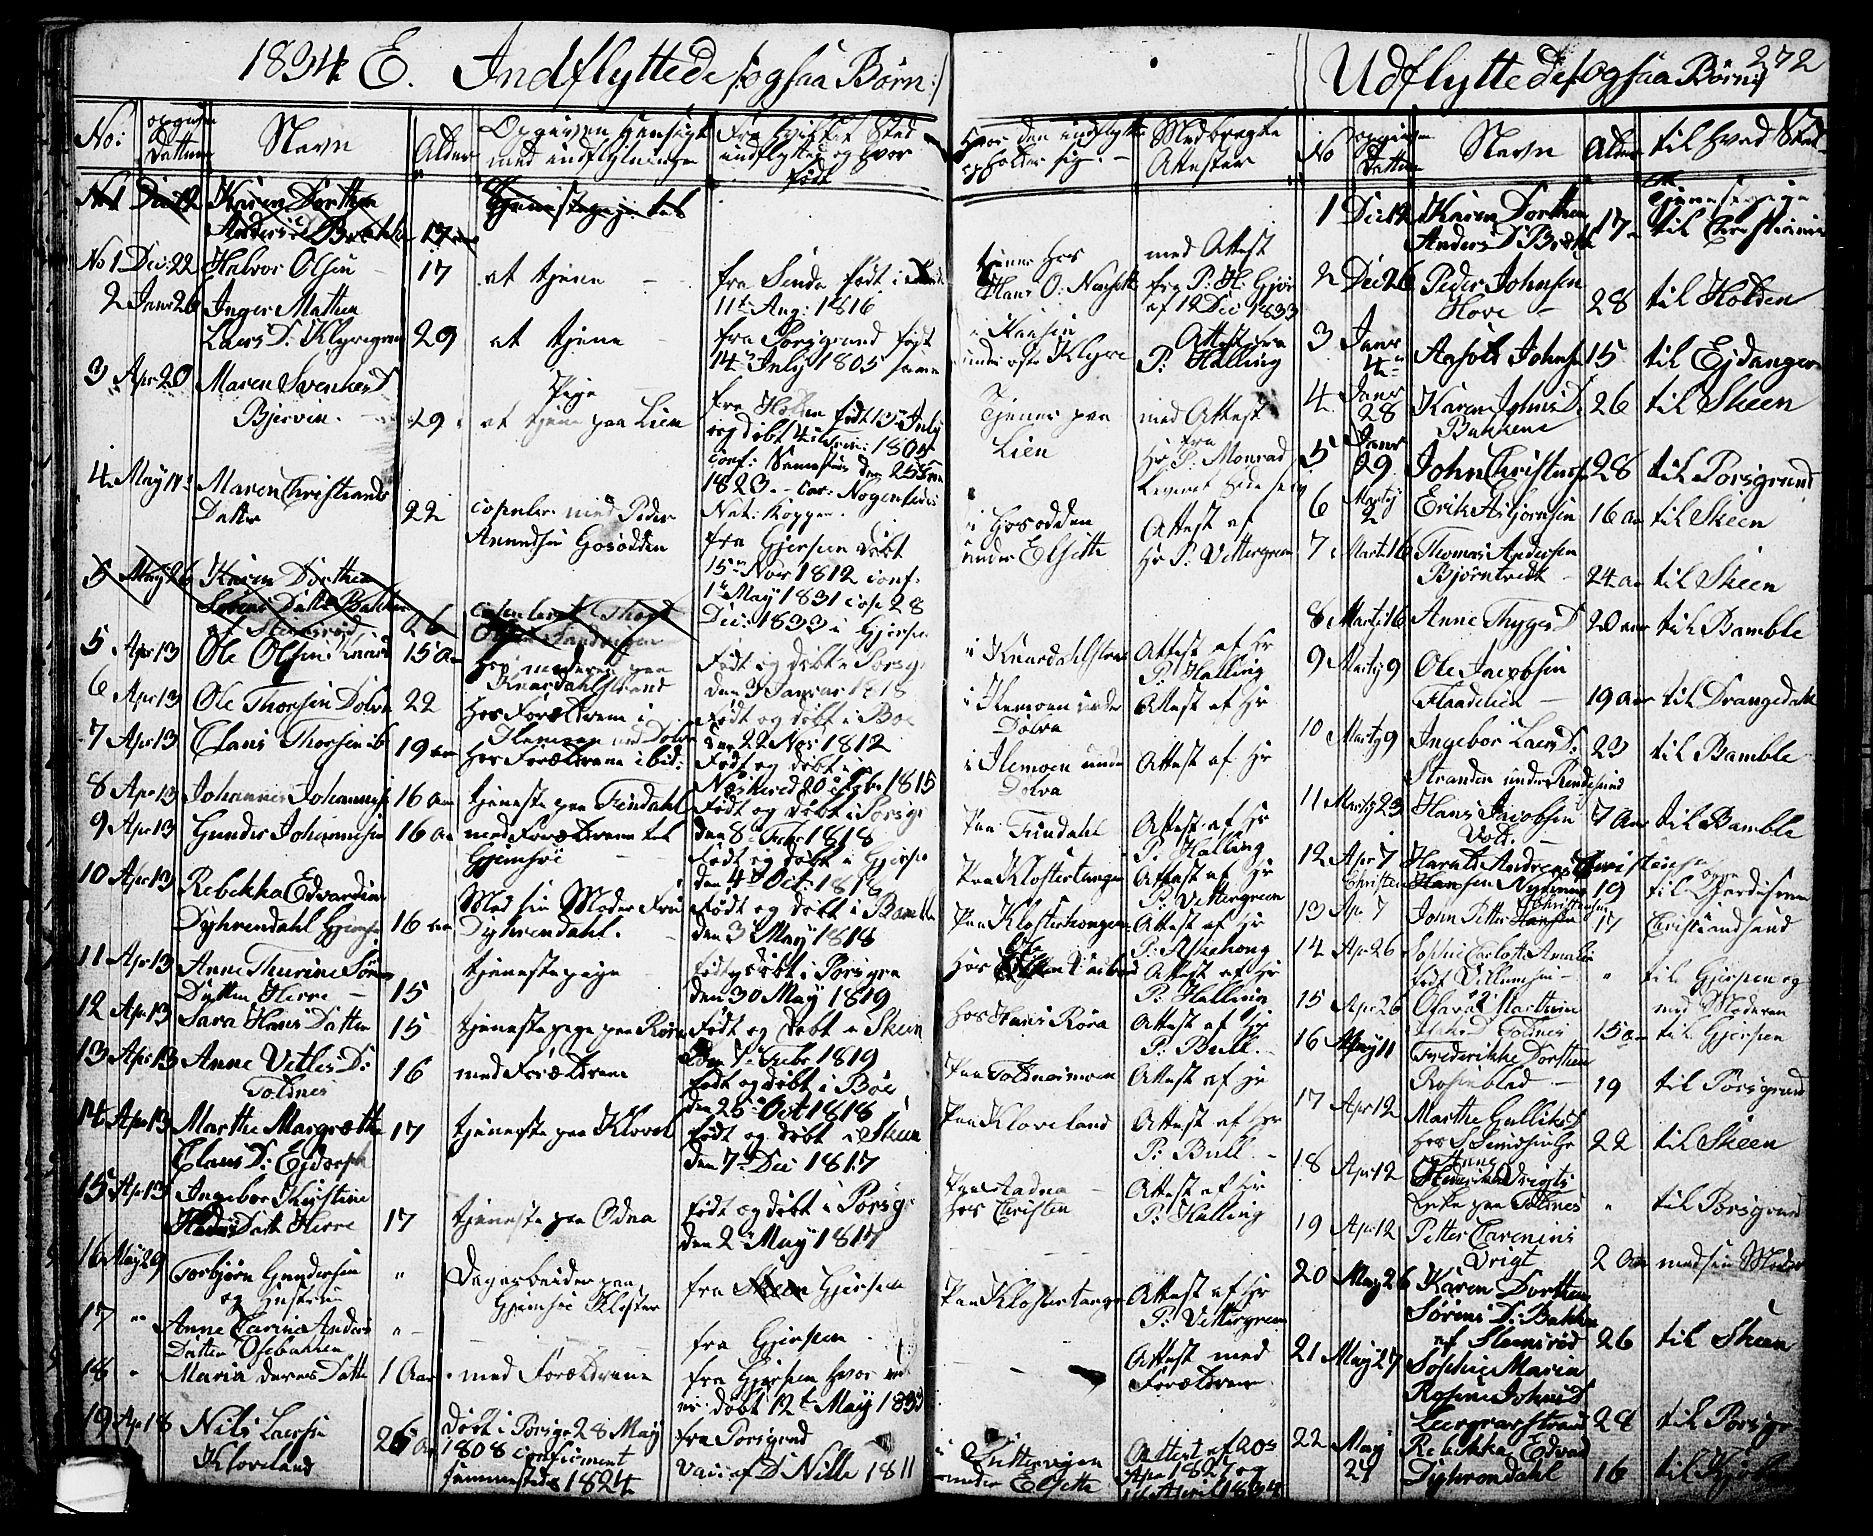 SAKO, Solum kirkebøker, G/Ga/L0002: Klokkerbok nr. I 2, 1834-1848, s. 272